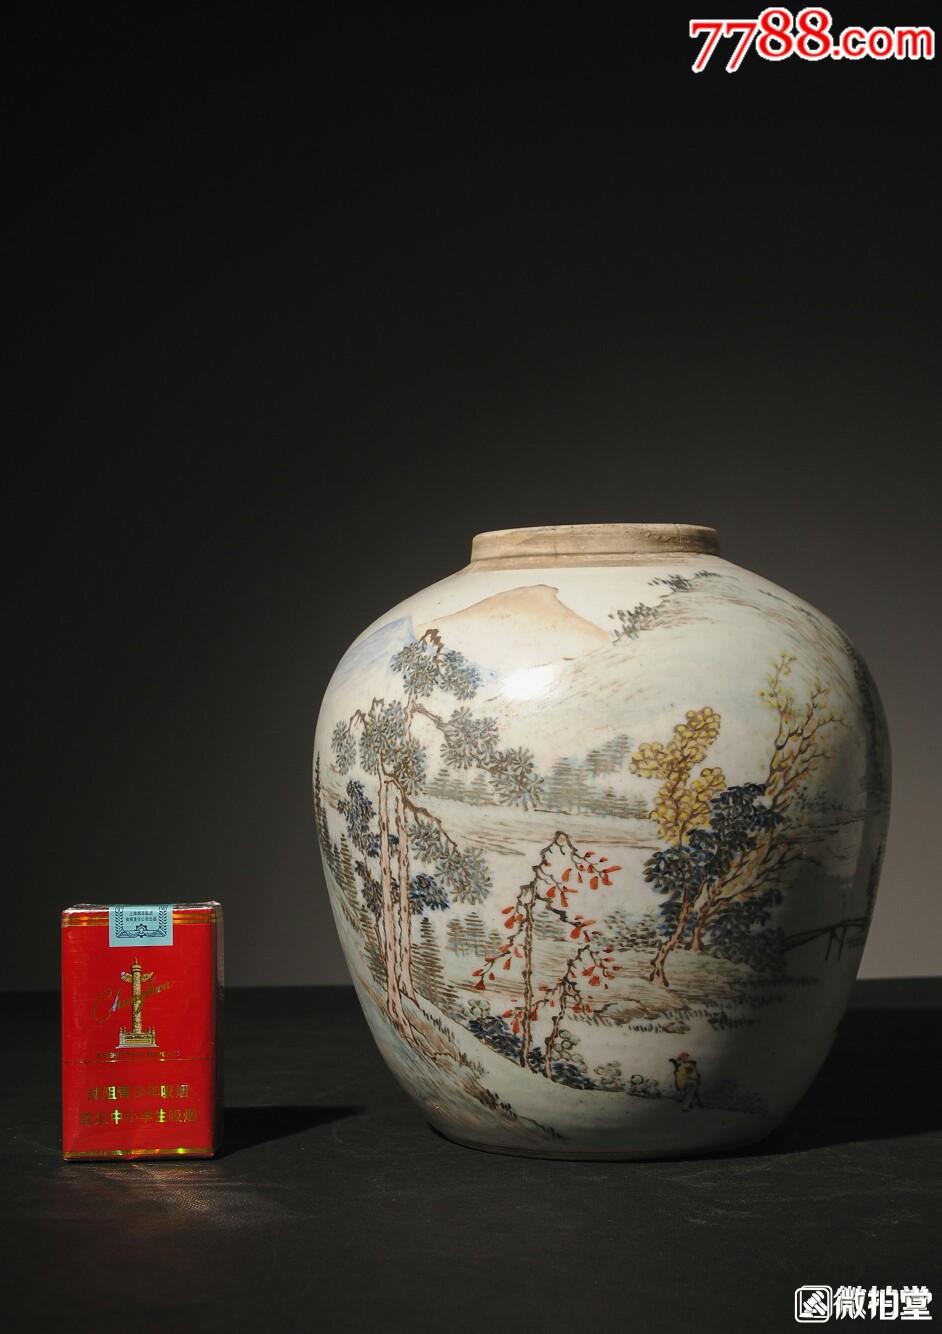 珍藏级清末时期金品卿手绘浅绛山水瓷罐(se69062787)_